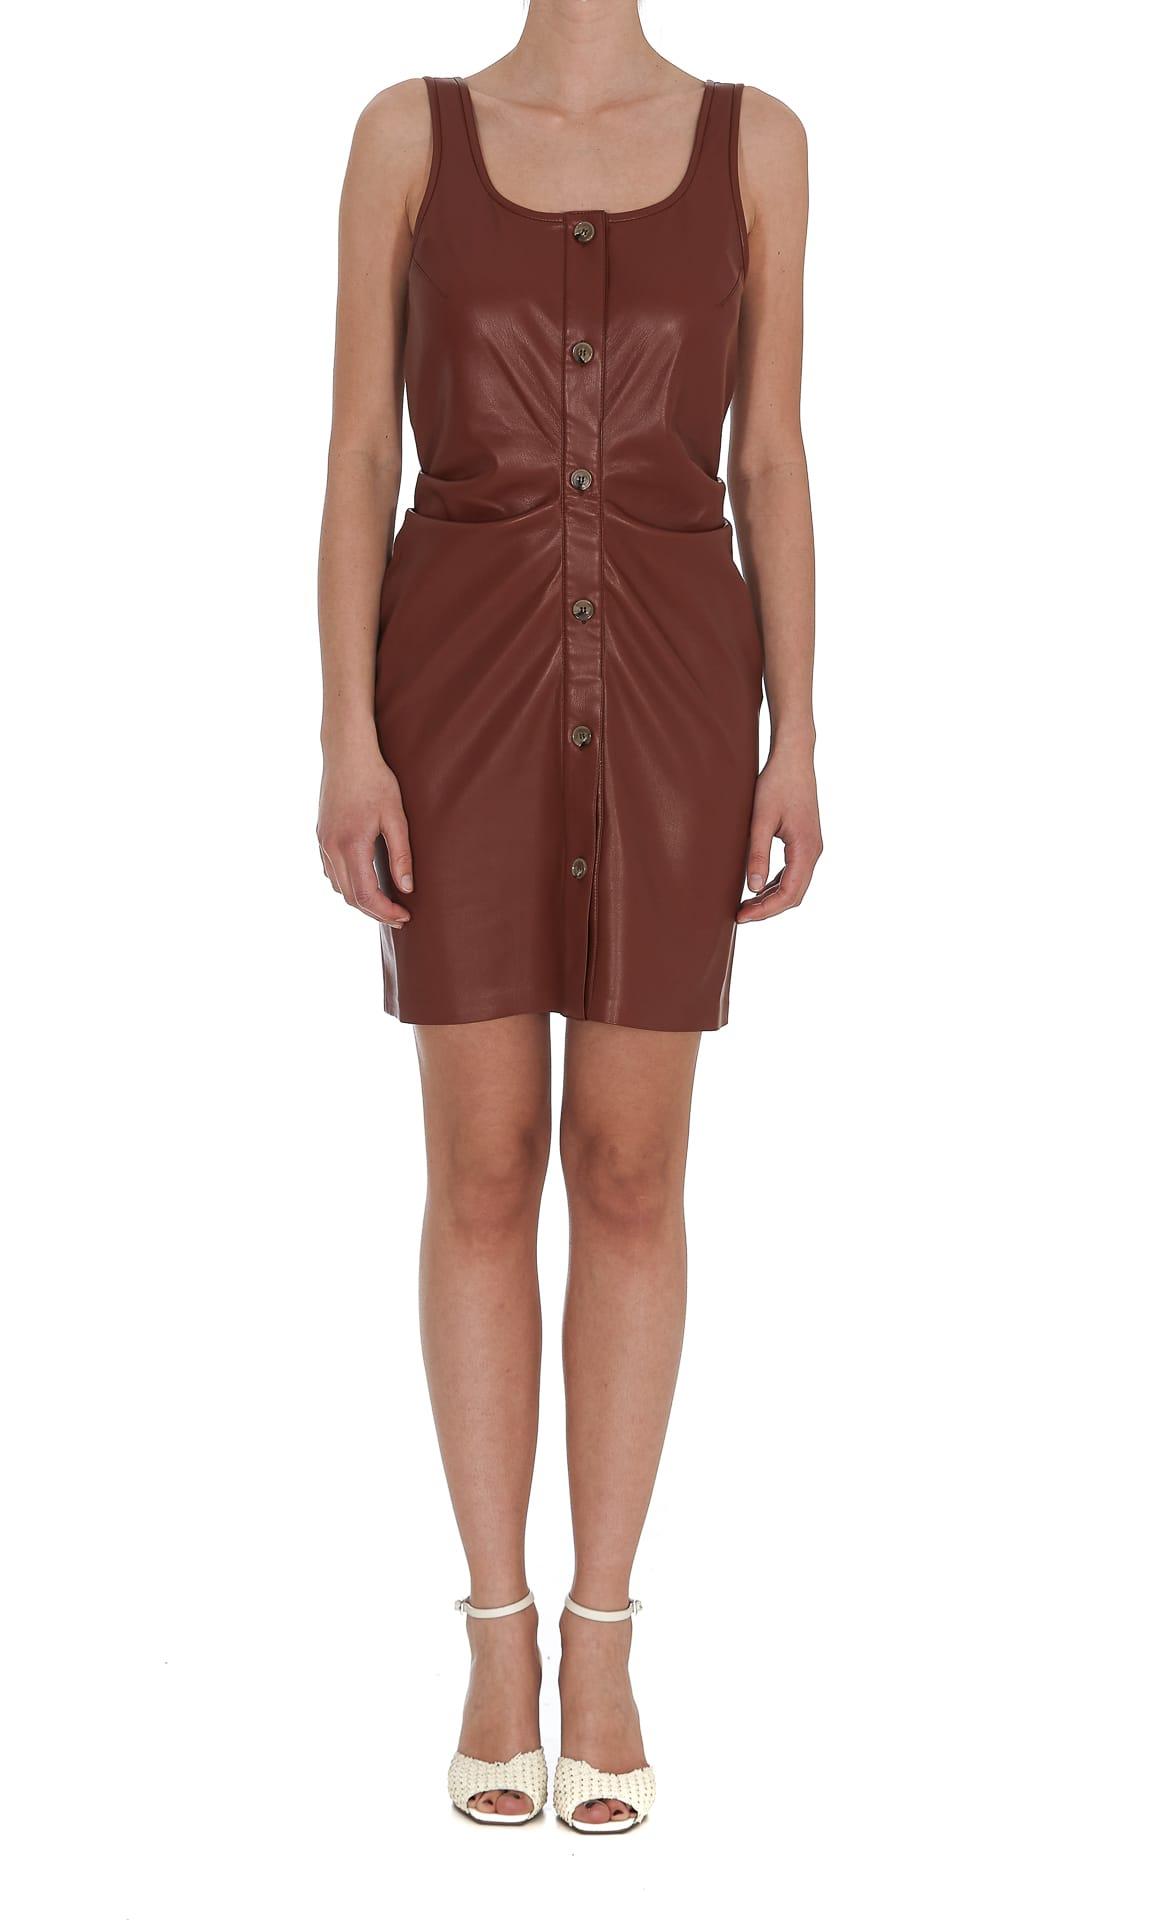 Nanushka Leathers ERNIE DRESS